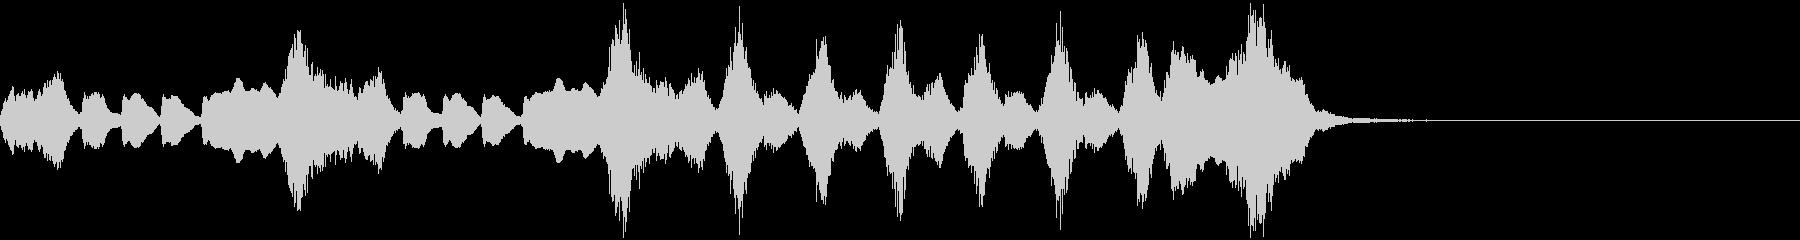 ほのぼのコミカルなオーケストラ・ジングルの未再生の波形